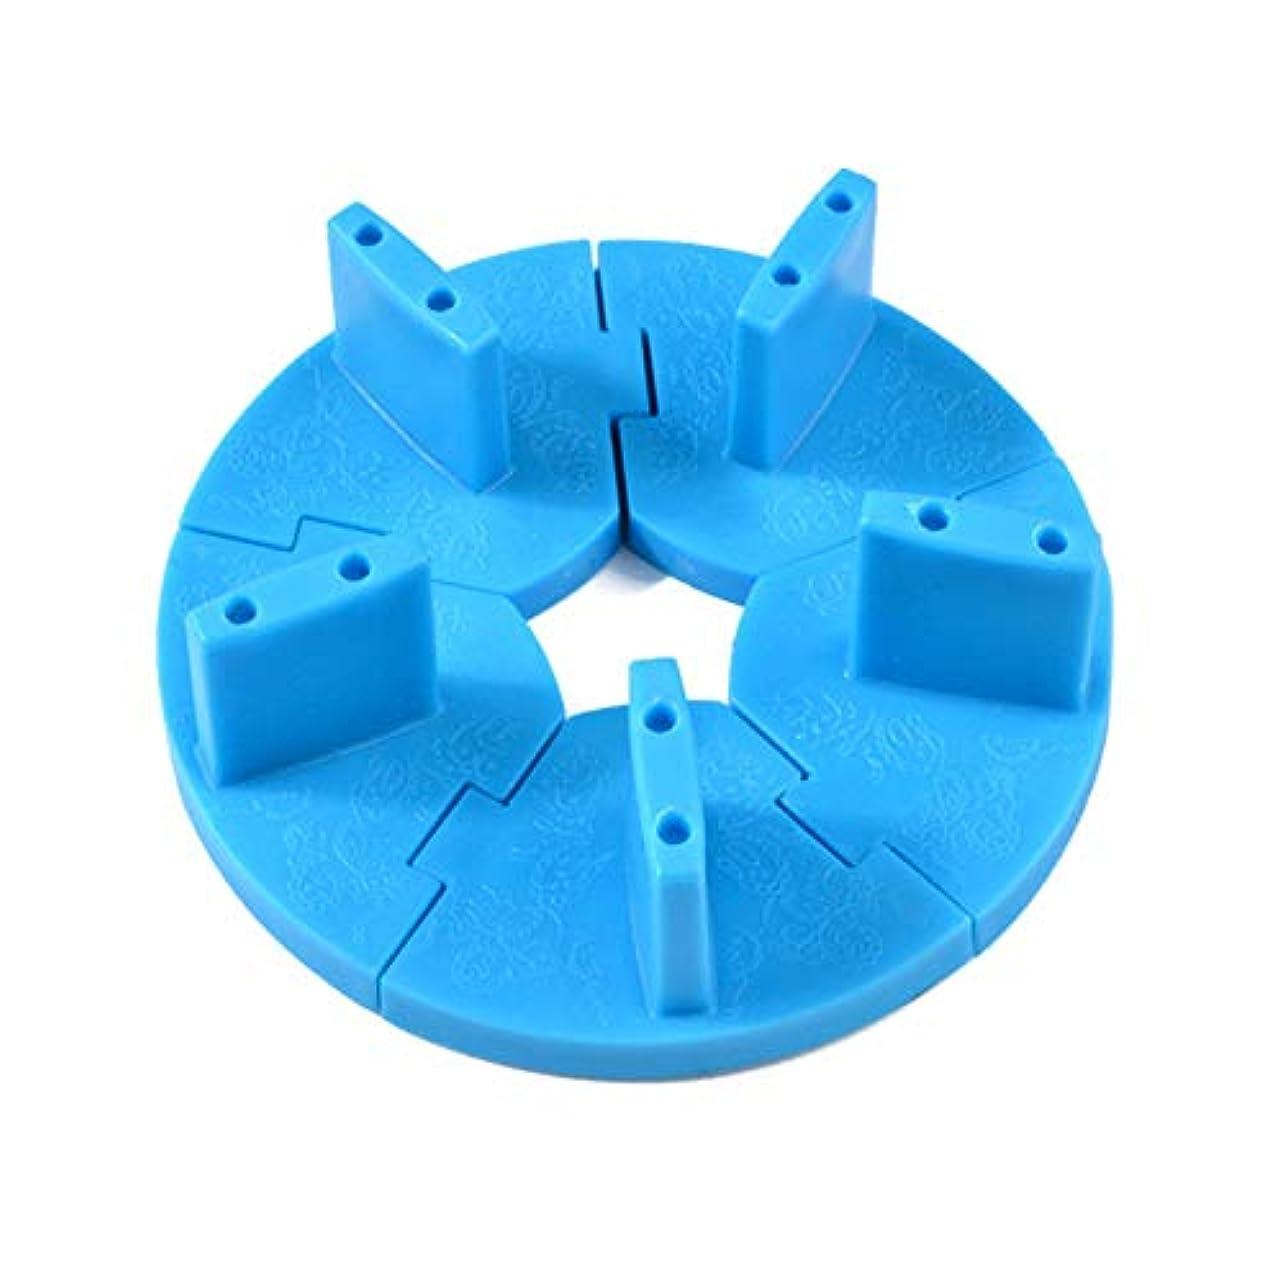 囲まれた溶岩本部ネイルチップスタンド ネイル練習ツール ディスプレイホルダースタンド 組み立て式 固定チップ5個付き (ブルー)